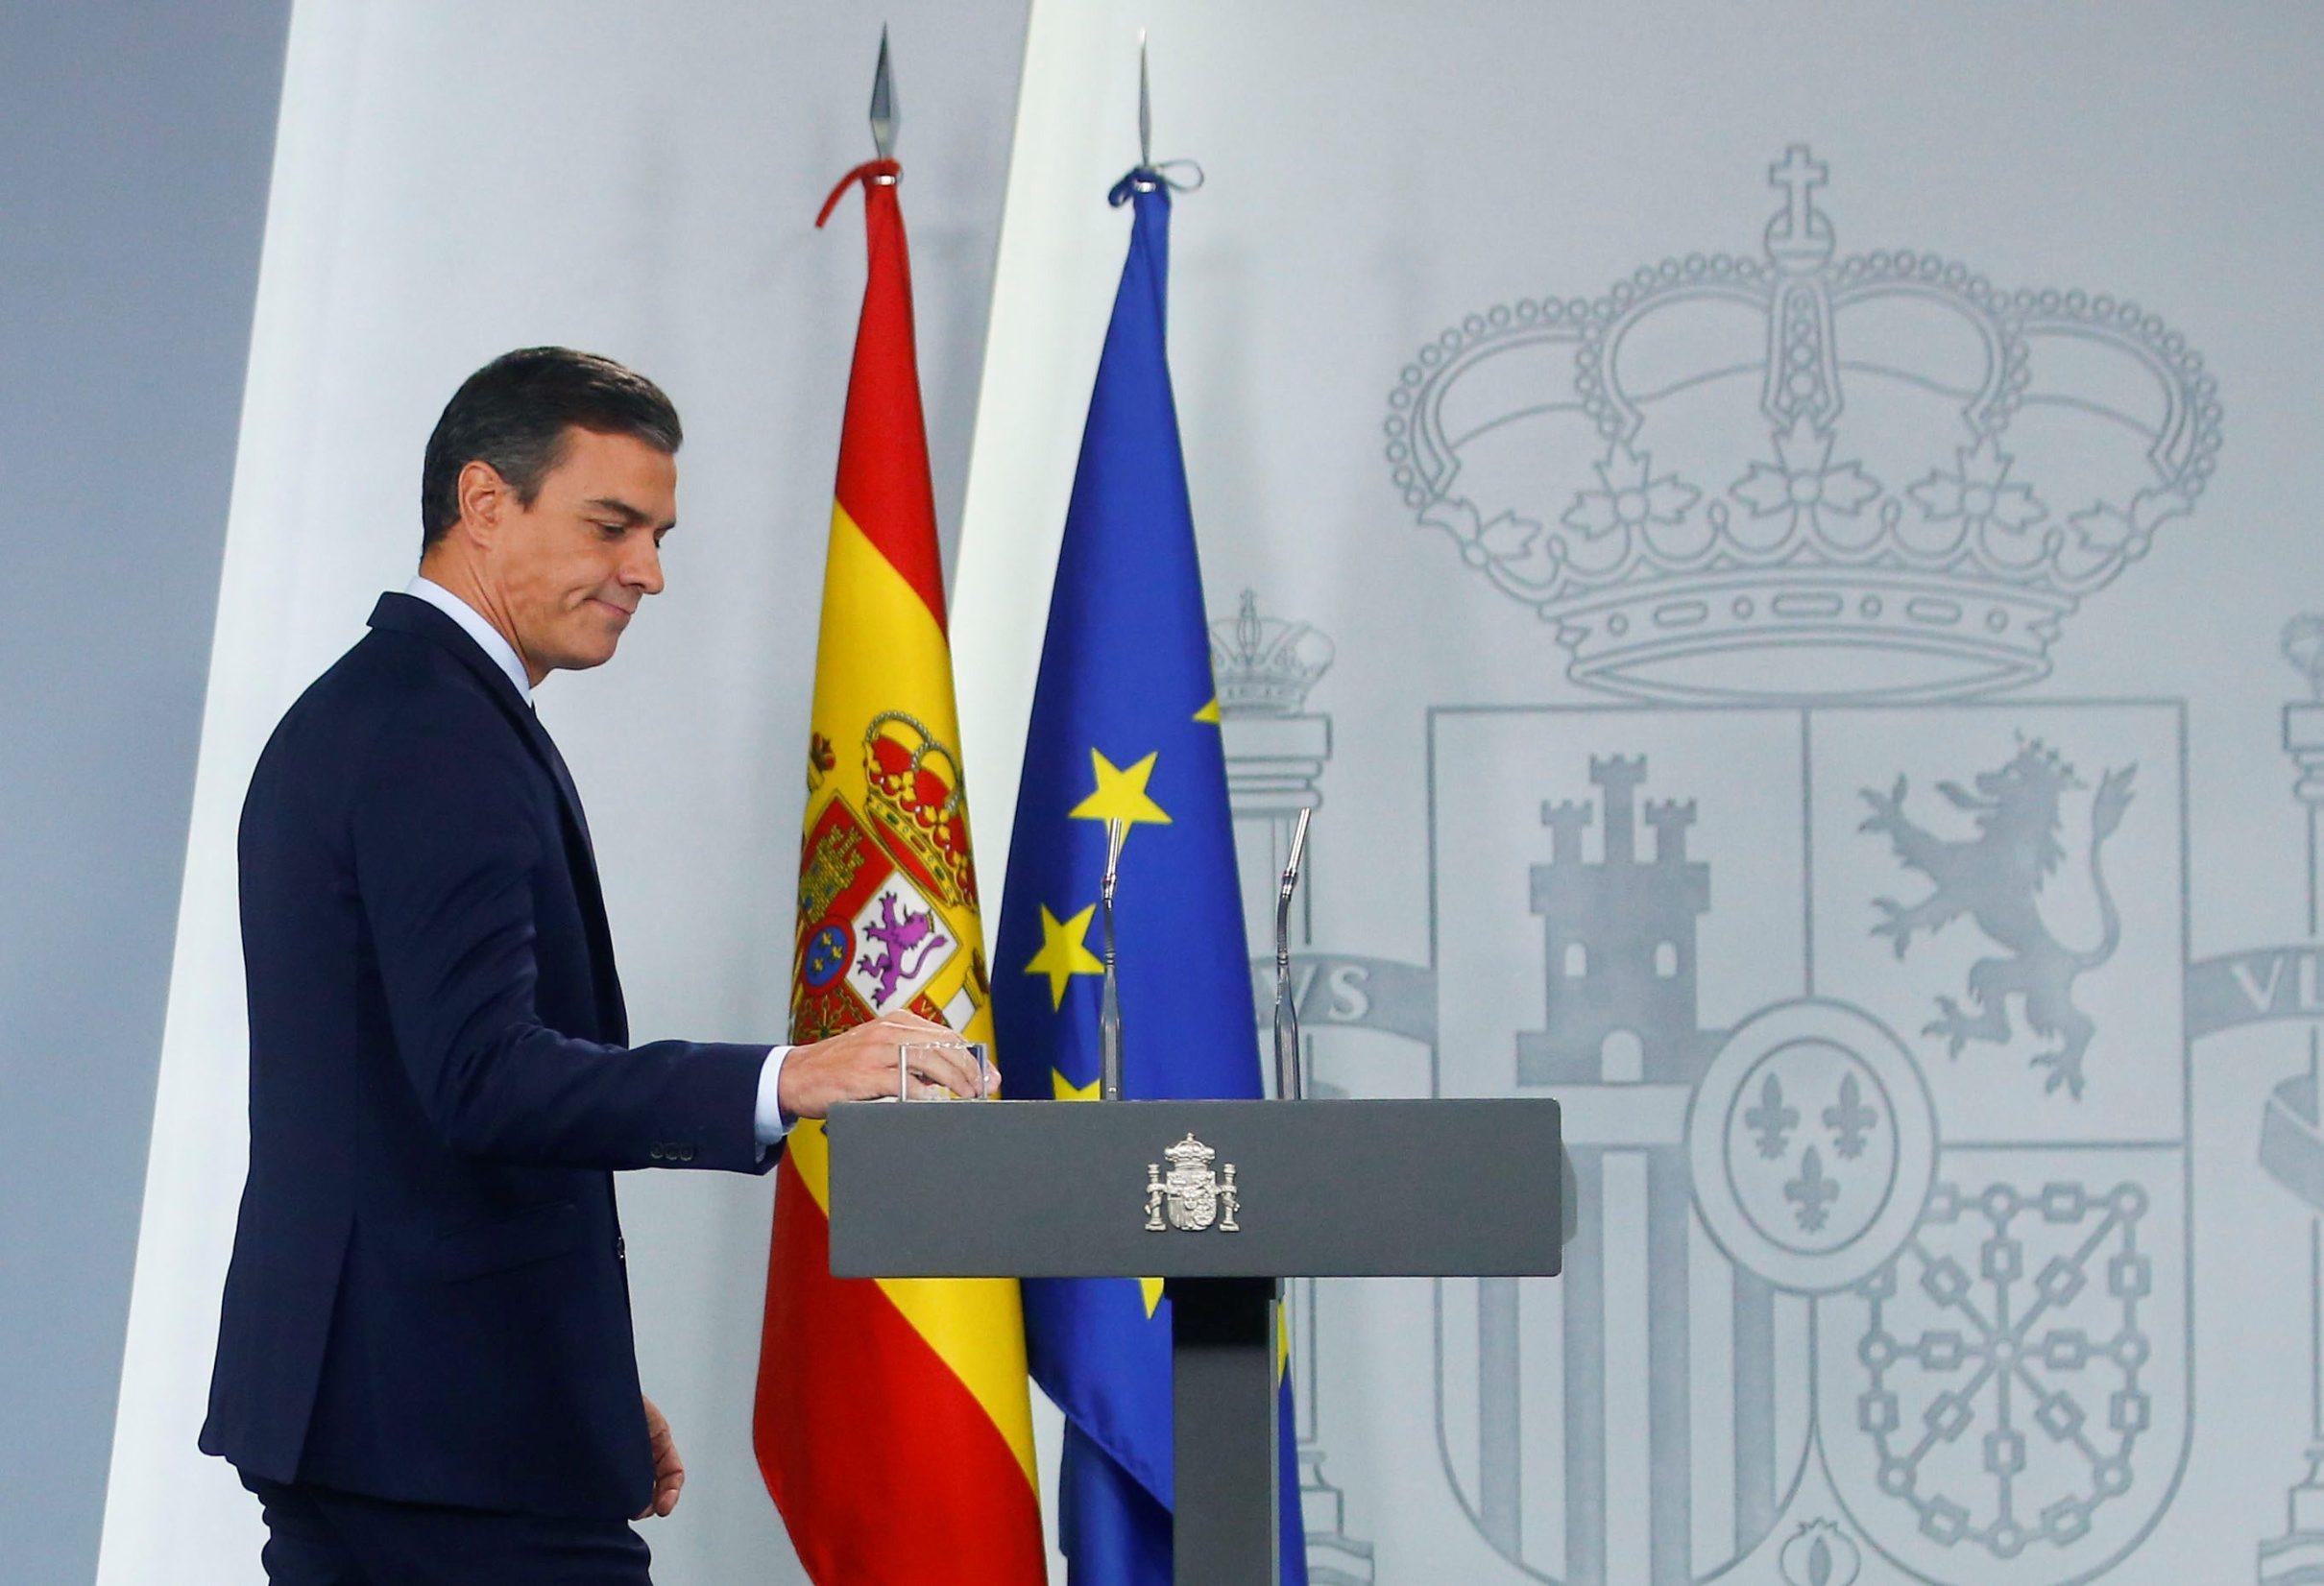 2019-09-17T000000Z_231871792_RC126D4EEAD0_RTRMADP_3_SPAIN-POLITICS-SANCHEZ